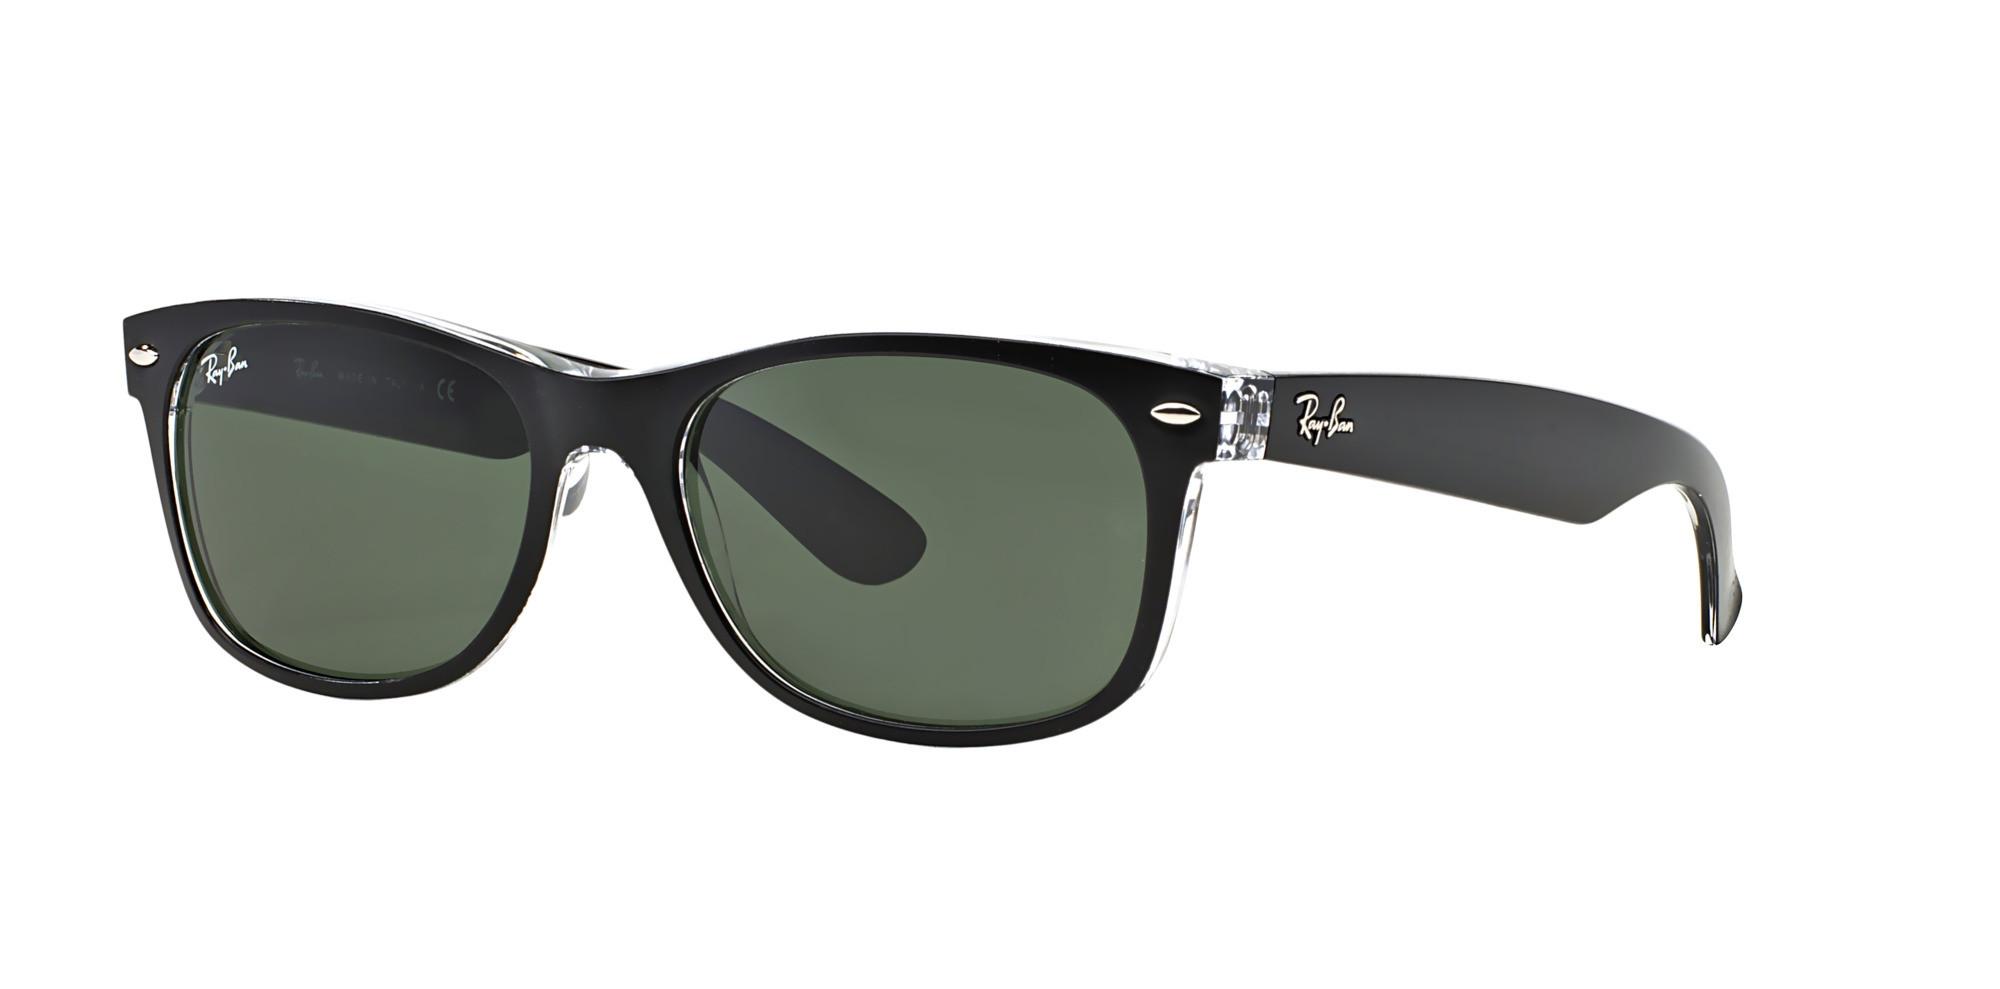 Gafas de sol RAY-BAN RB 2132 6052